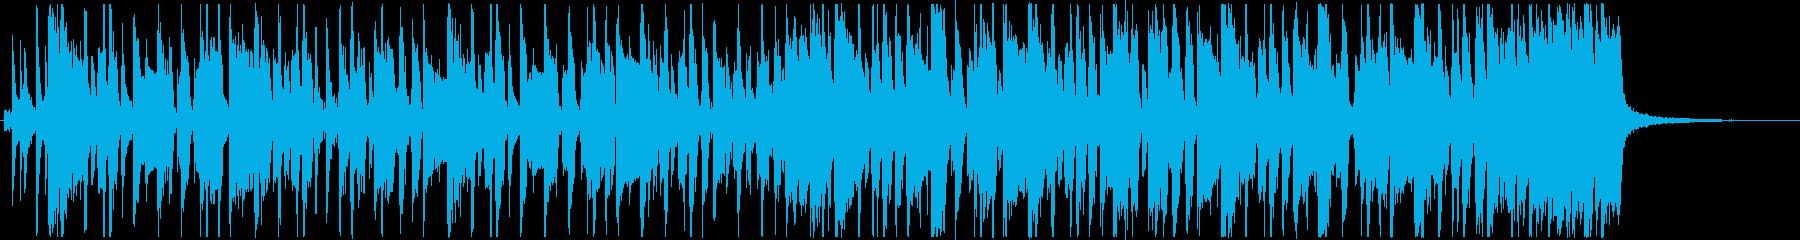 楽しいおしゃれなファンキーベースのBGMの再生済みの波形